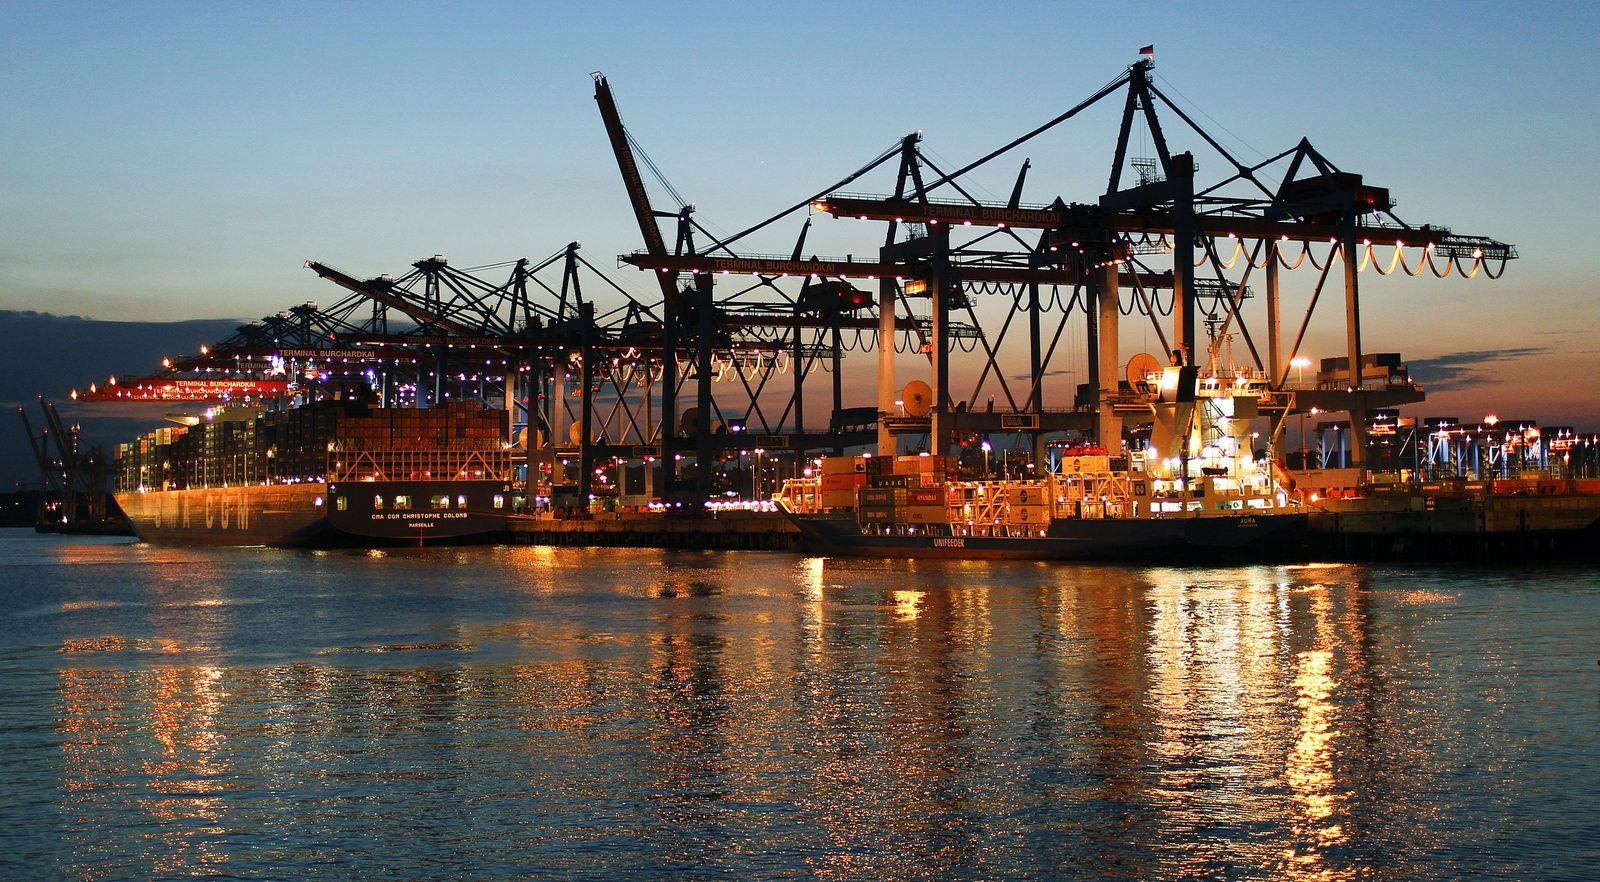 NICHT VERWENDEN Deutschland/ Export/ Containerhafen